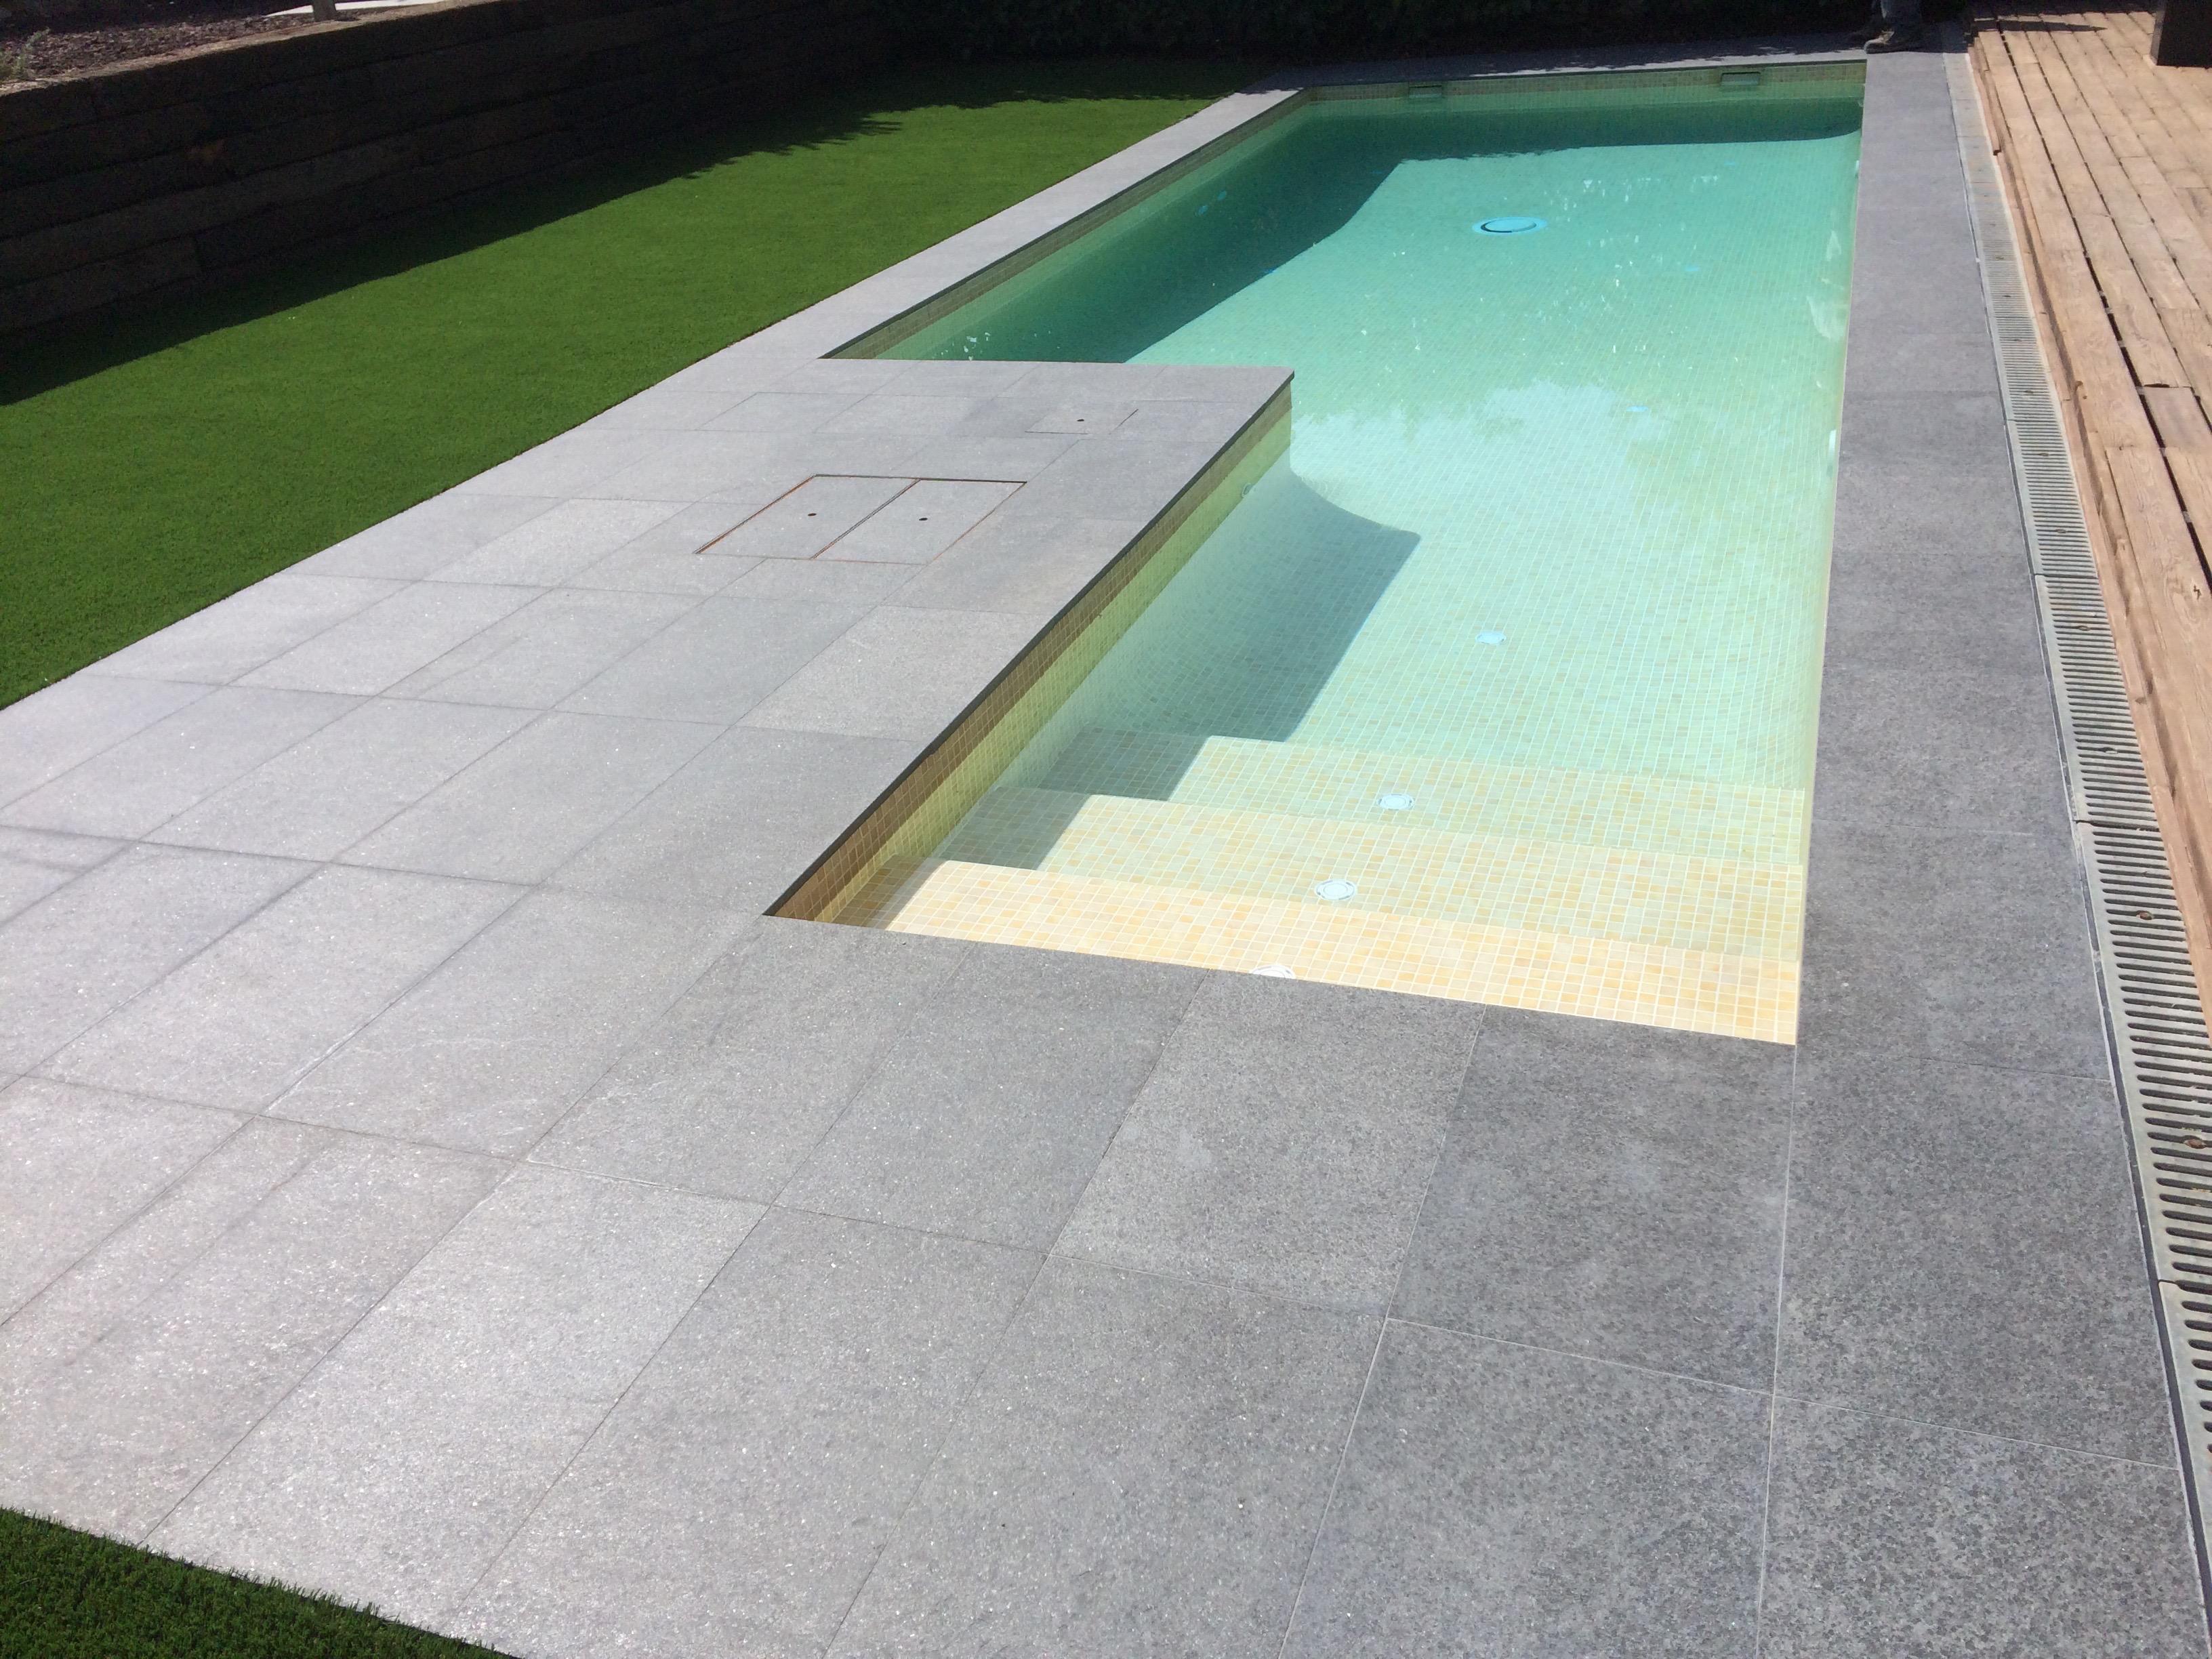 Construcci n de piscinas piscinas aop for Coronacion de piscinas